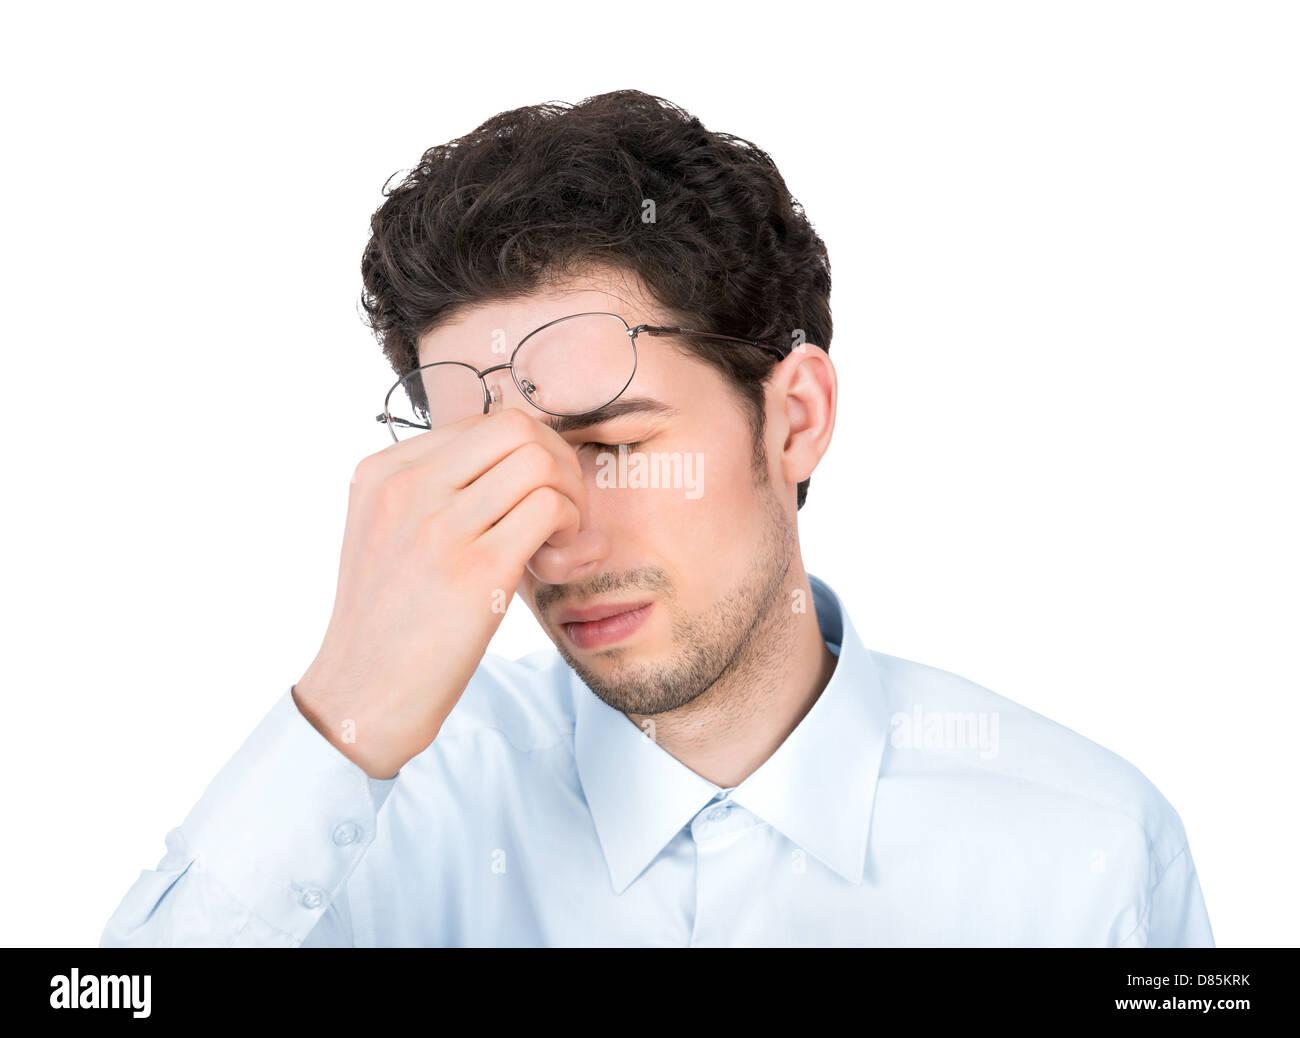 Hübscher junger Geschäftsmann zeigt müde oder Kopfschmerzen Geste. Isoliert auf weißem Hintergrund. Stockbild